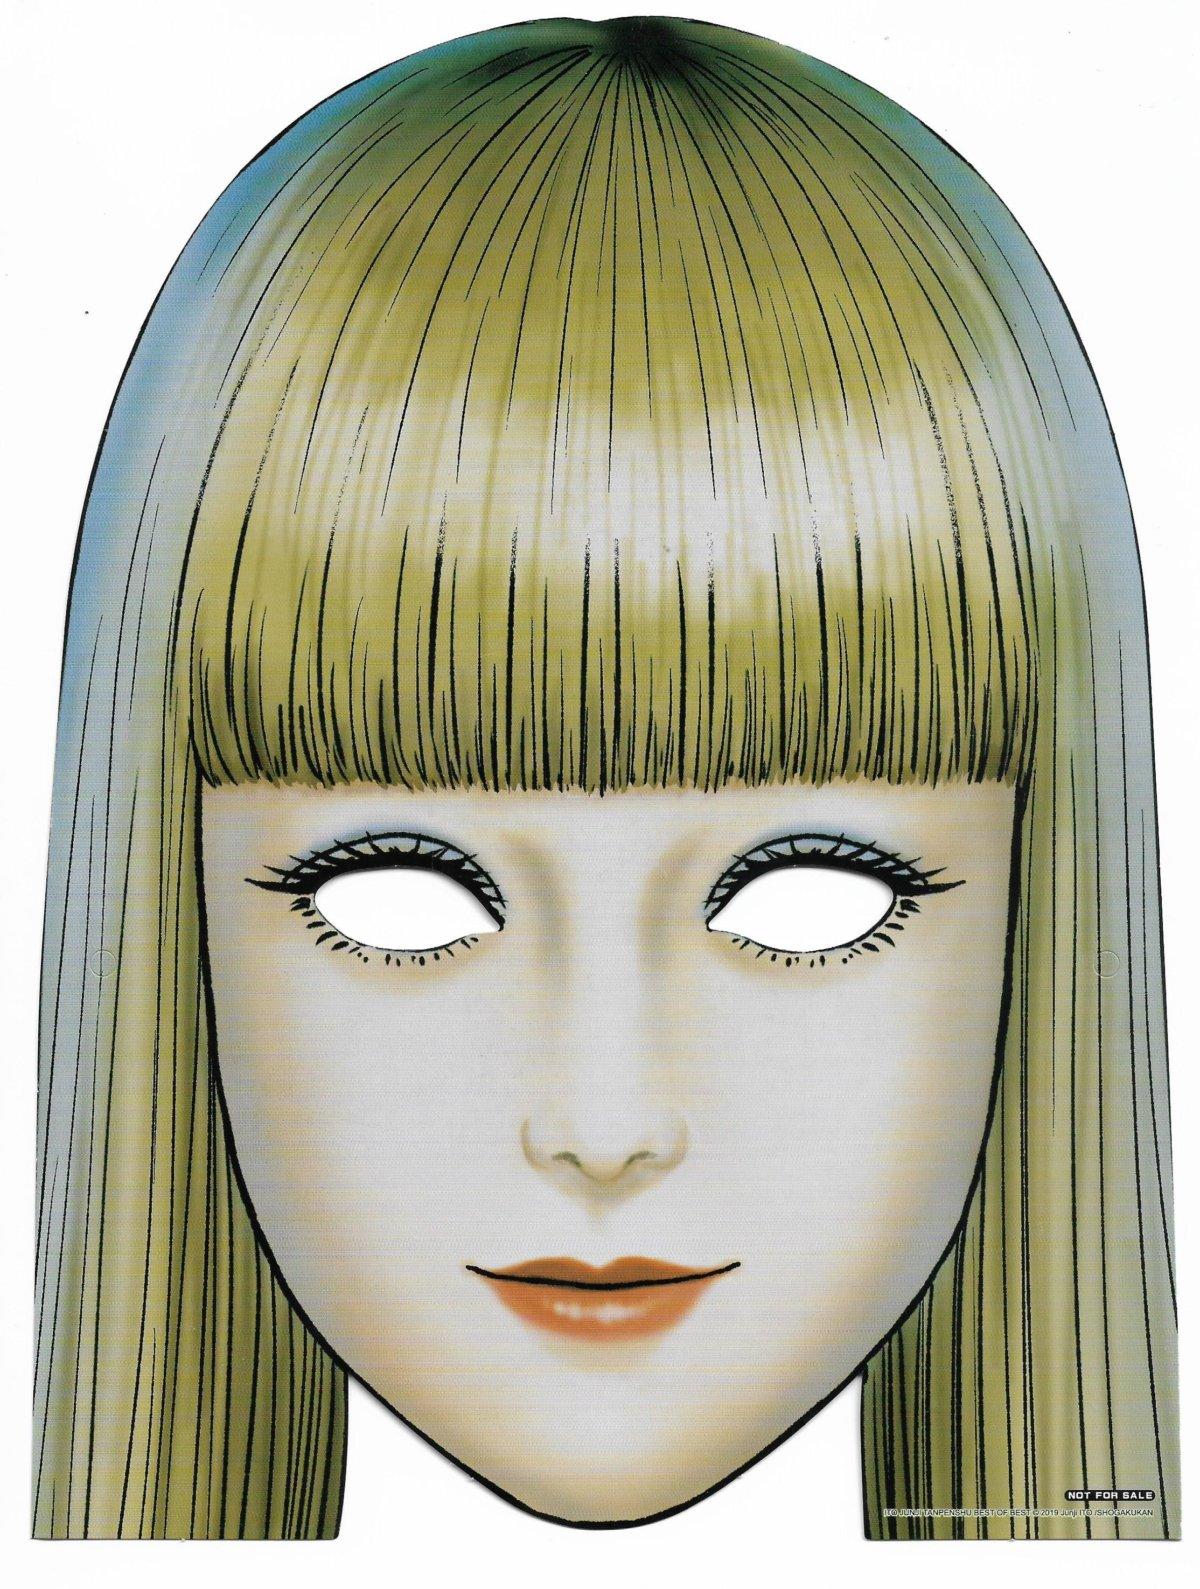 隨《伊藤潤二短篇集Best Of Best》附送的面具,很詭異,但換個角度說,也很好笑。